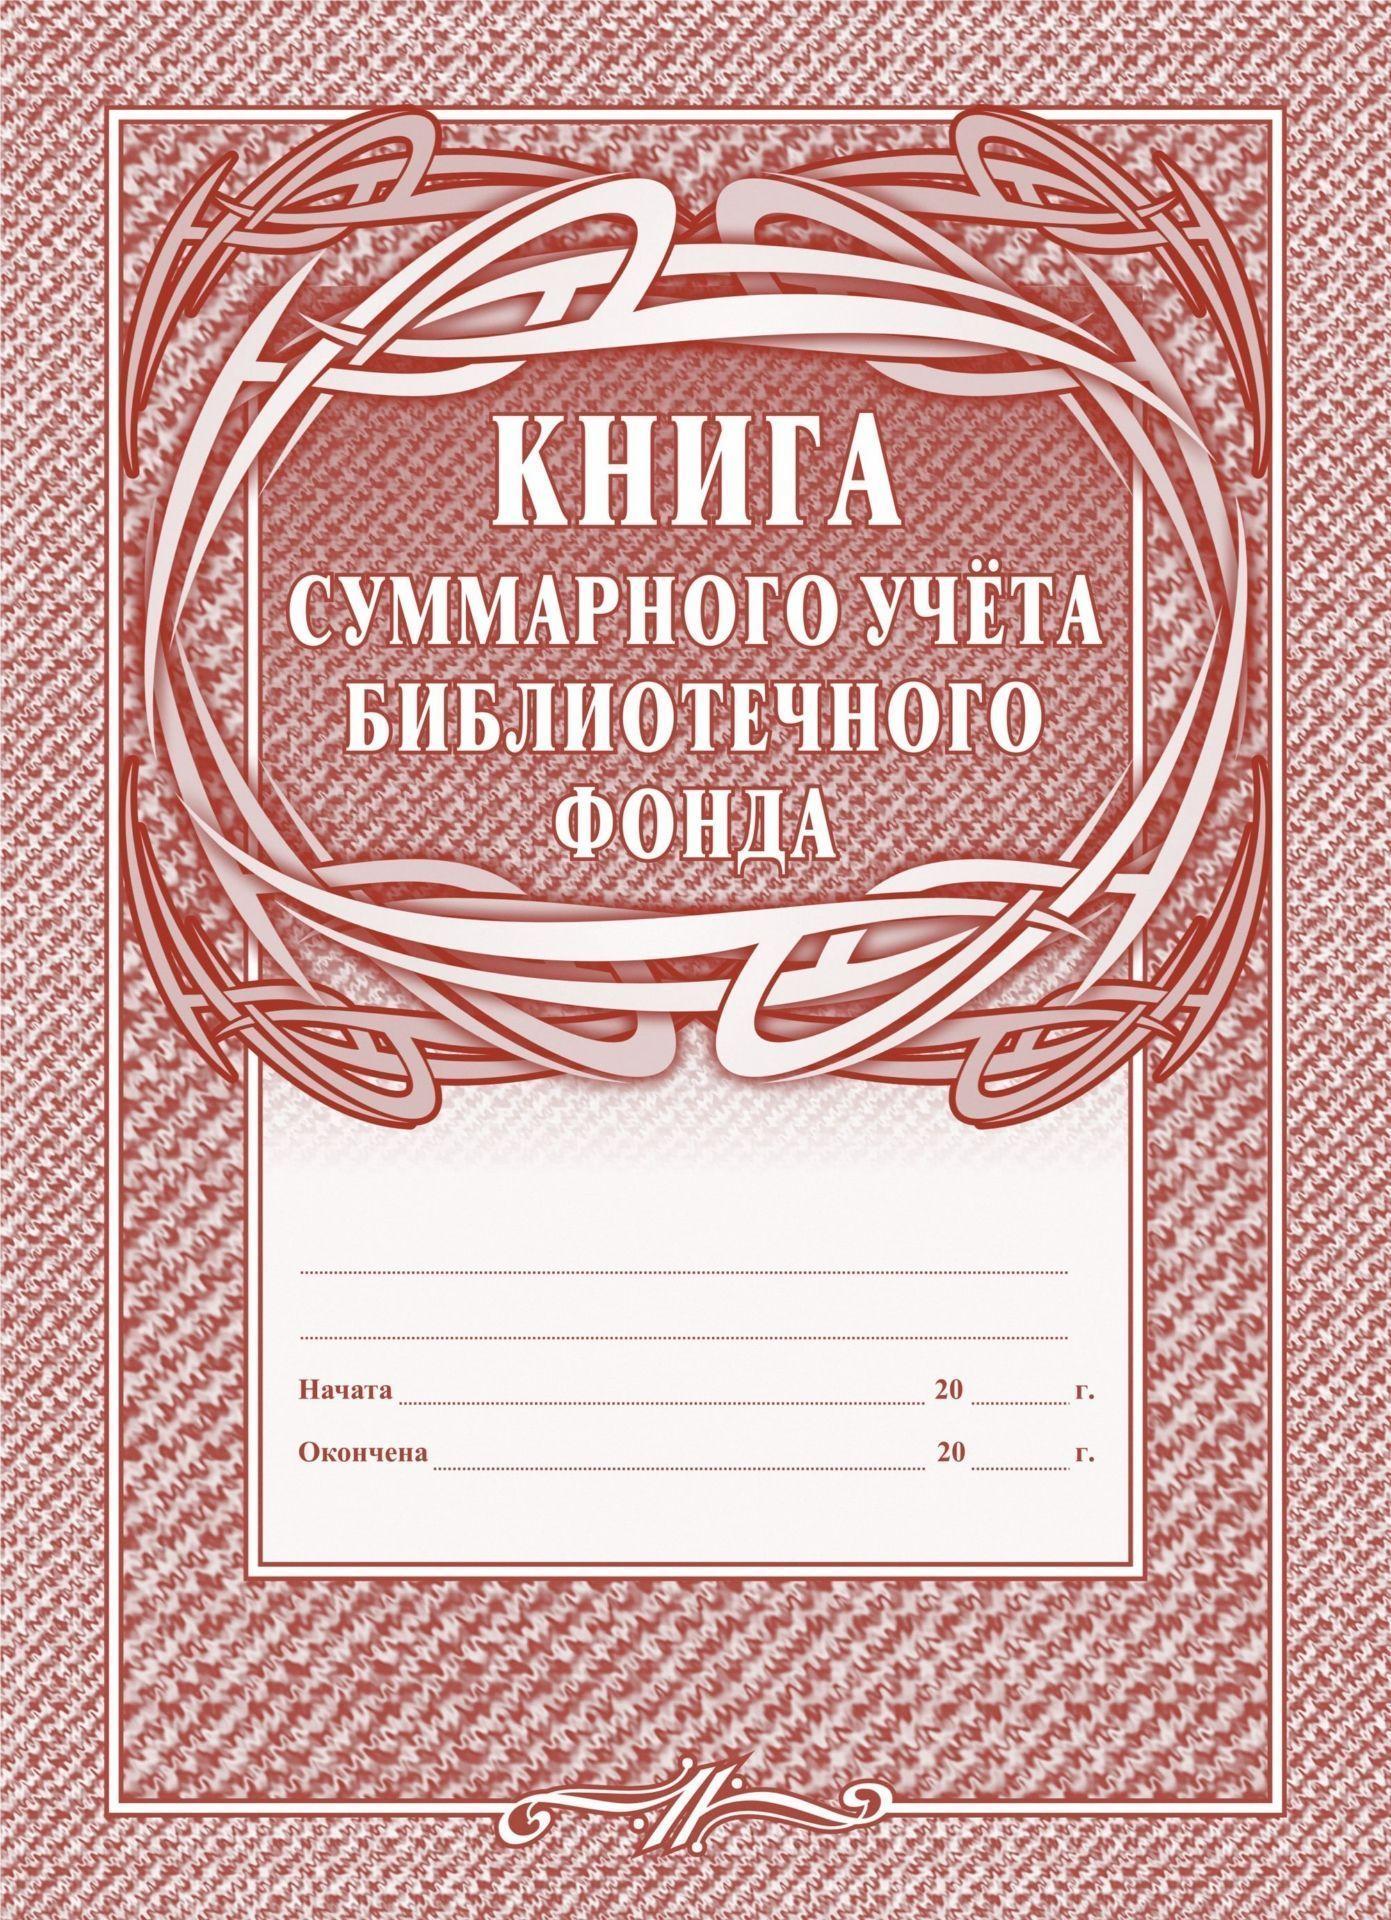 Книга суммарного учёта библиотечного фонда